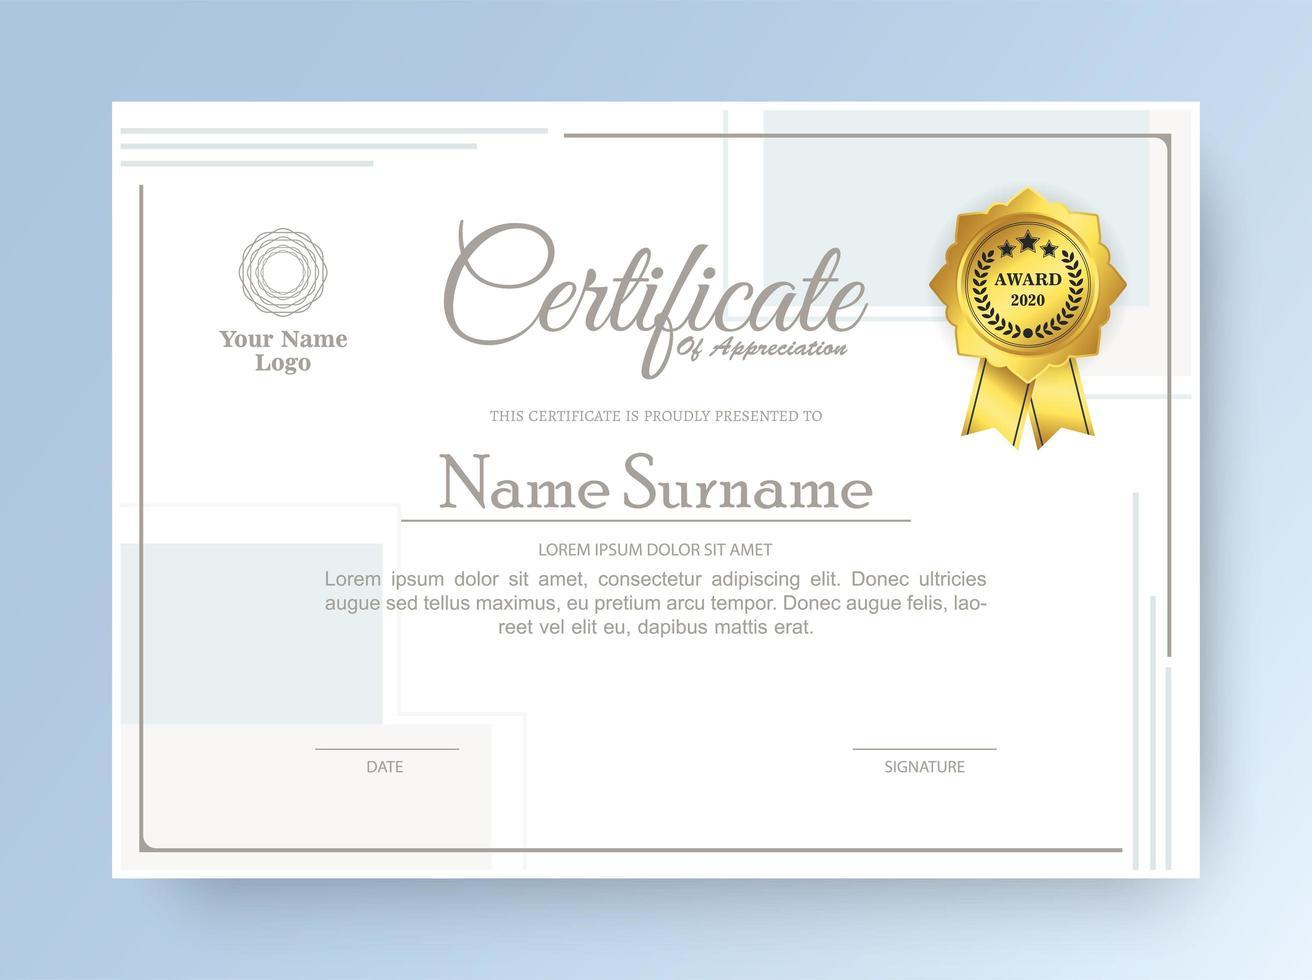 Certificat D Adhesion Meilleur Modele De Diplome De Recompense Telecharger Vectoriel Gratuit Clipart Graphique Vecteur Dessins Et Pictogramme Gratuit